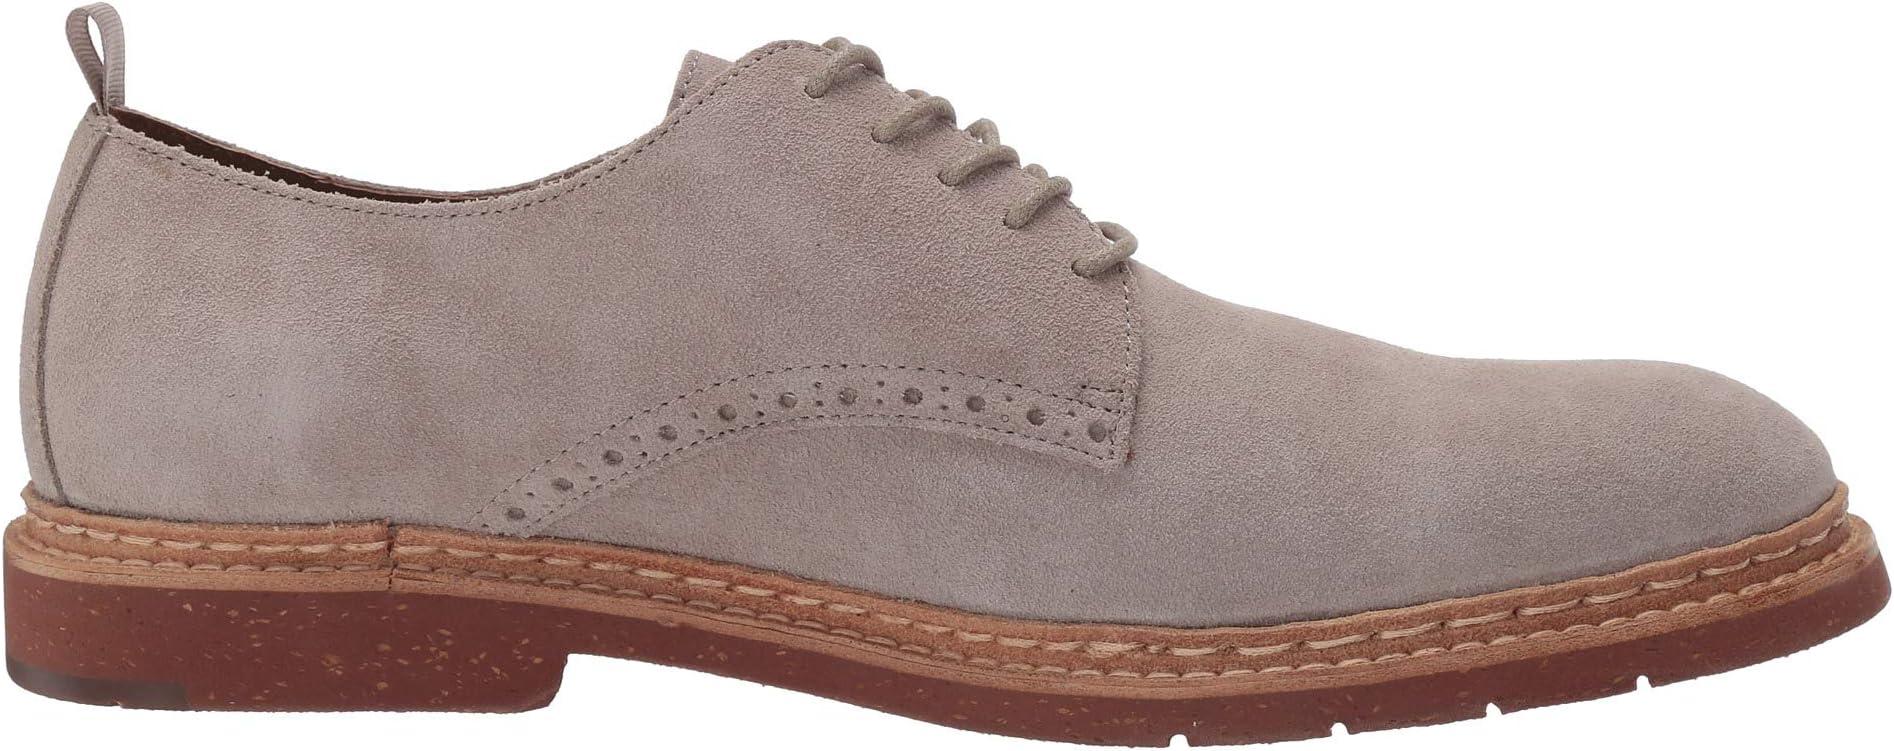 J&M EST. 1850 Pearce Plain Toe   Men's shoes   2020 Newest